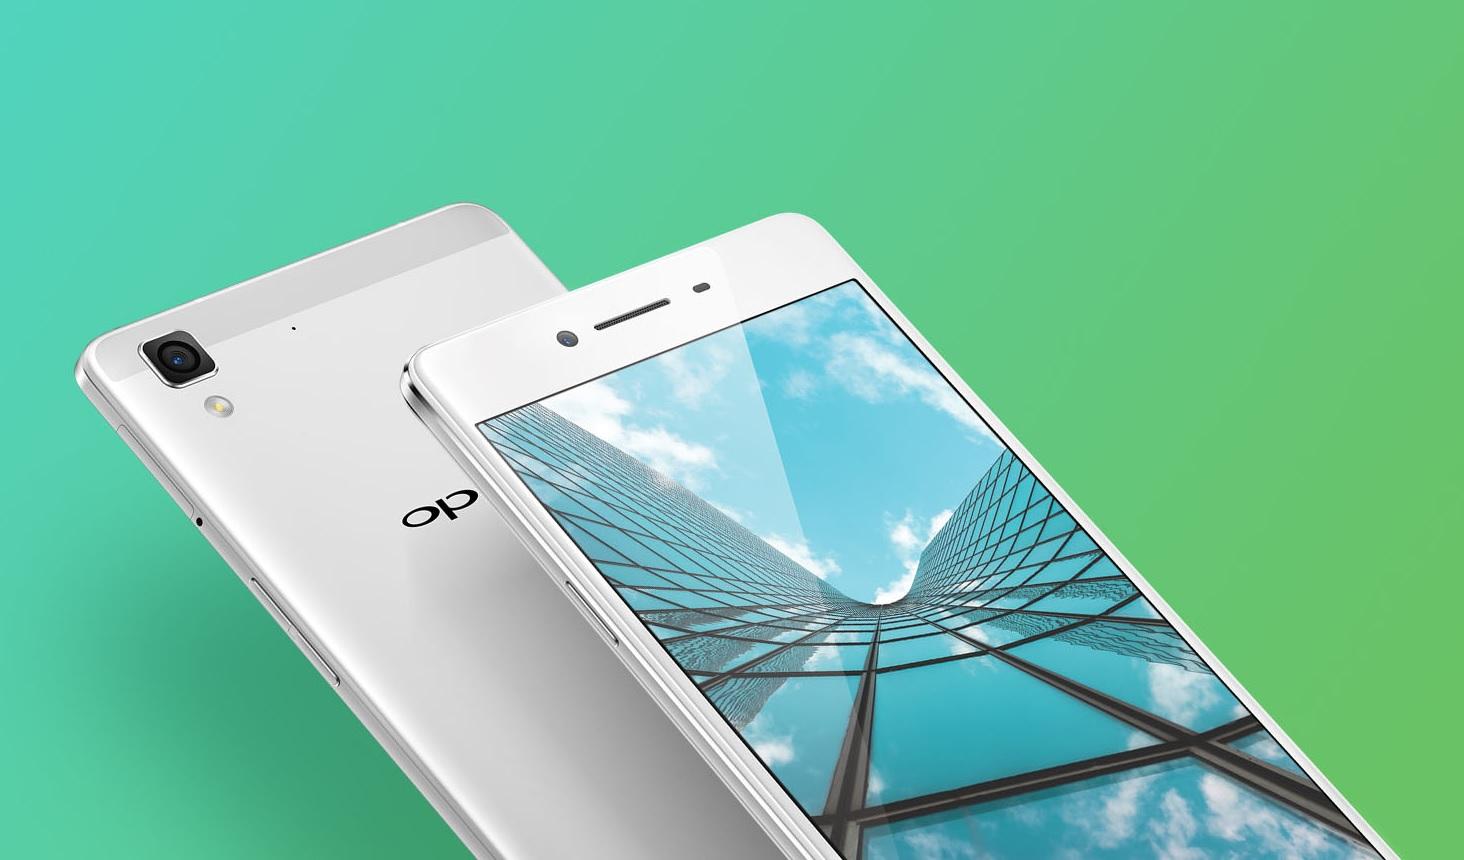 Cicha premiera Oppo R7 Lite ze Snapdragonem 615 i Androidem 5.1